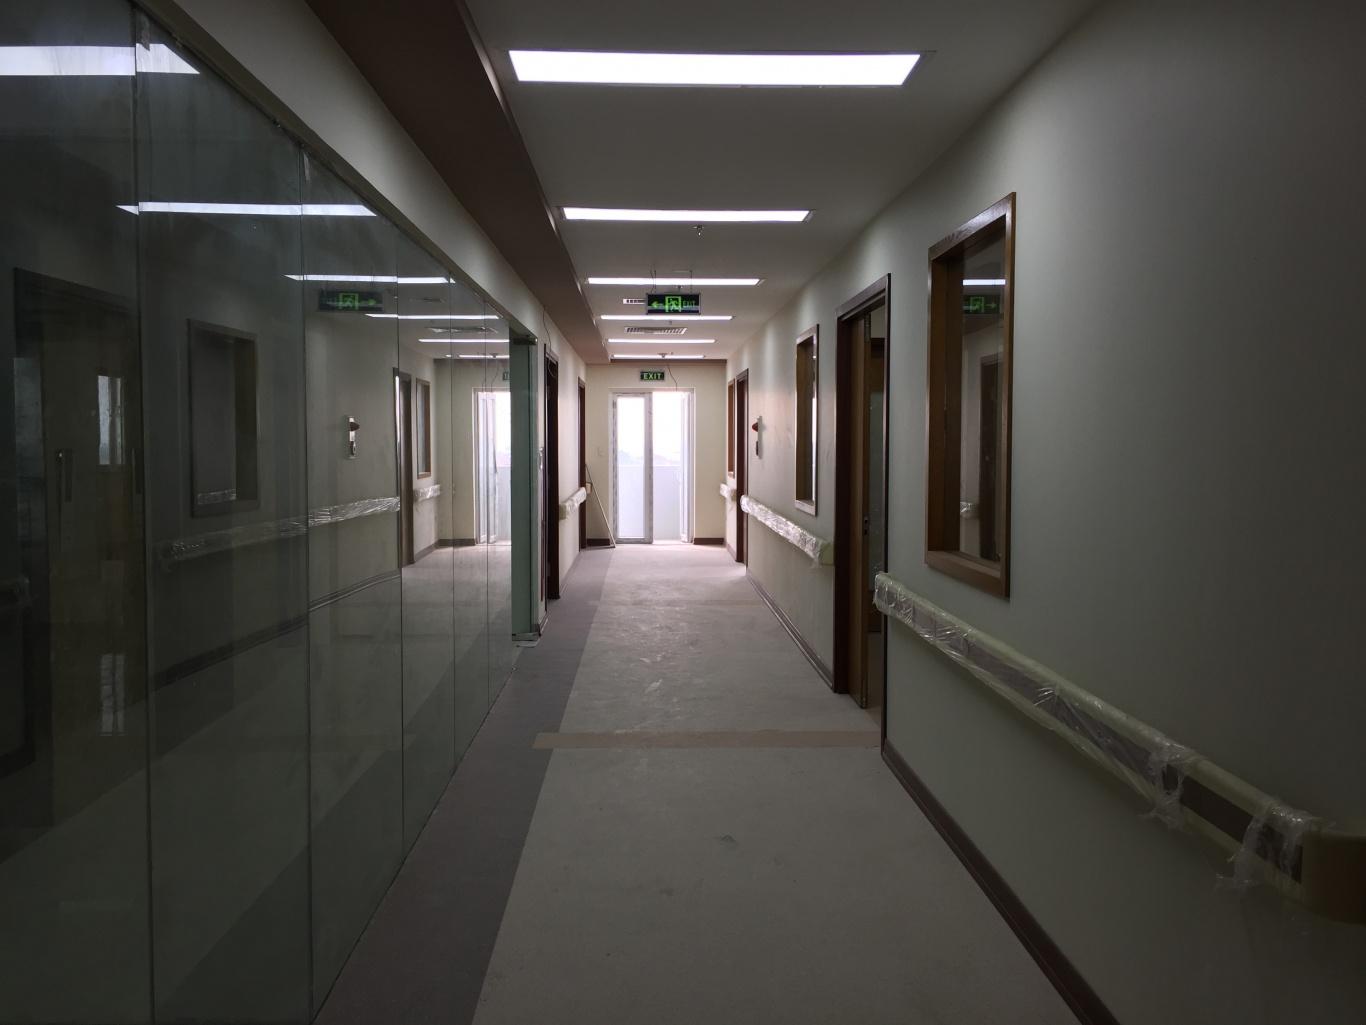 các vị trí lắp đặt chuông gọi y tá tại phòng khám đa khoa thiên tâm